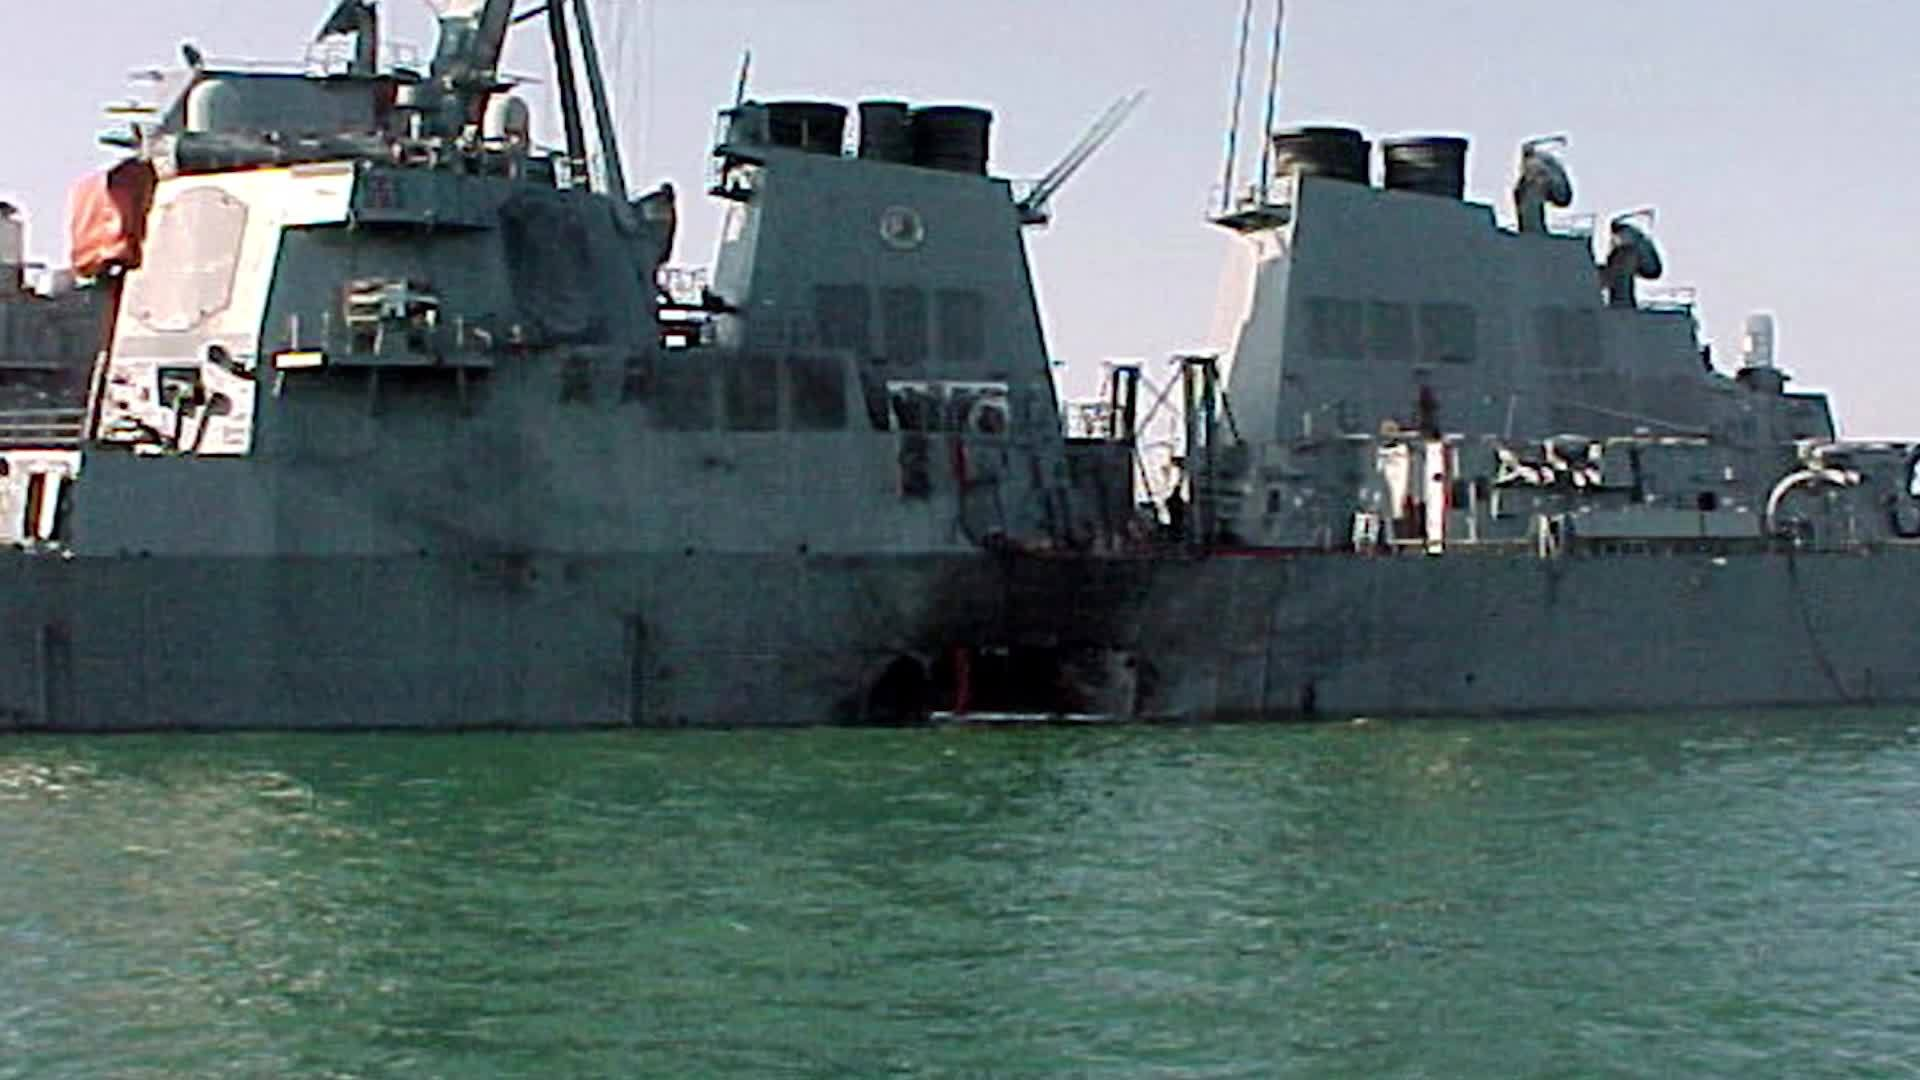 USS_COLE_8_20190105040529